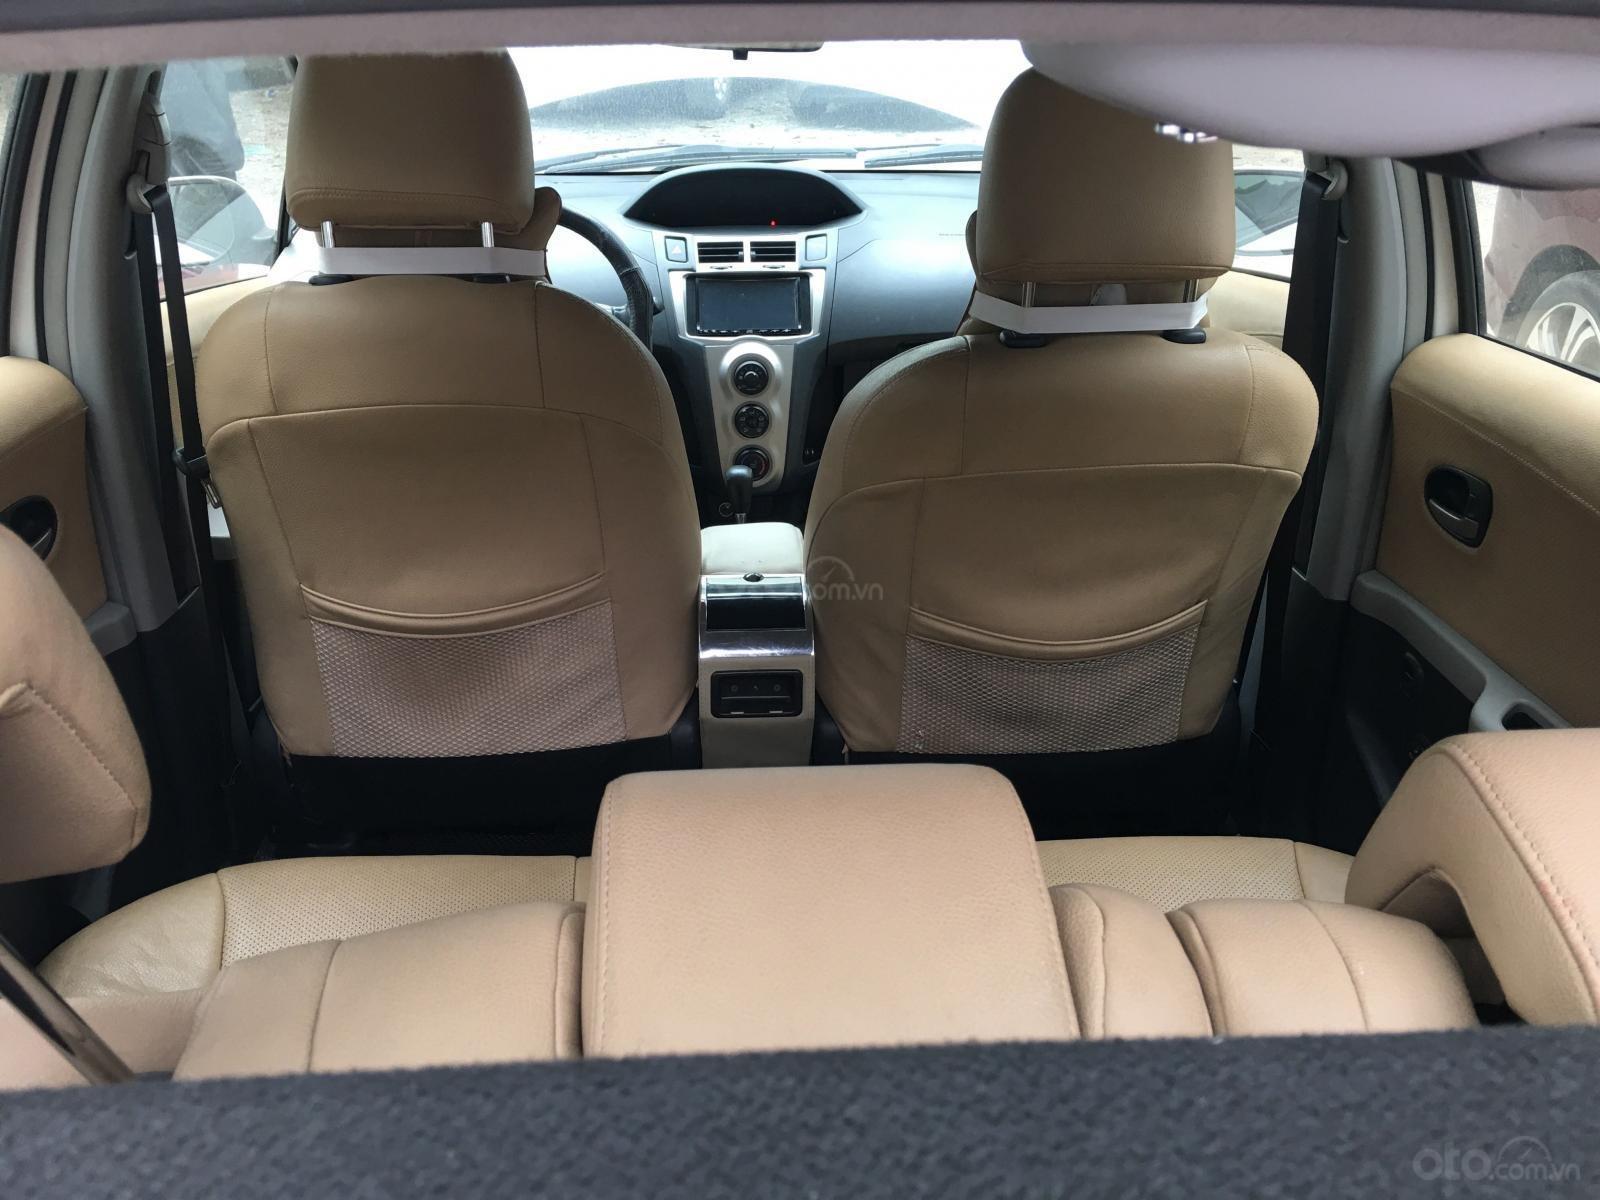 Cần bán lại xe Toyota Yaris đăng ký 2009, xe gia đình, giá chỉ 330 triệu đồng (7)